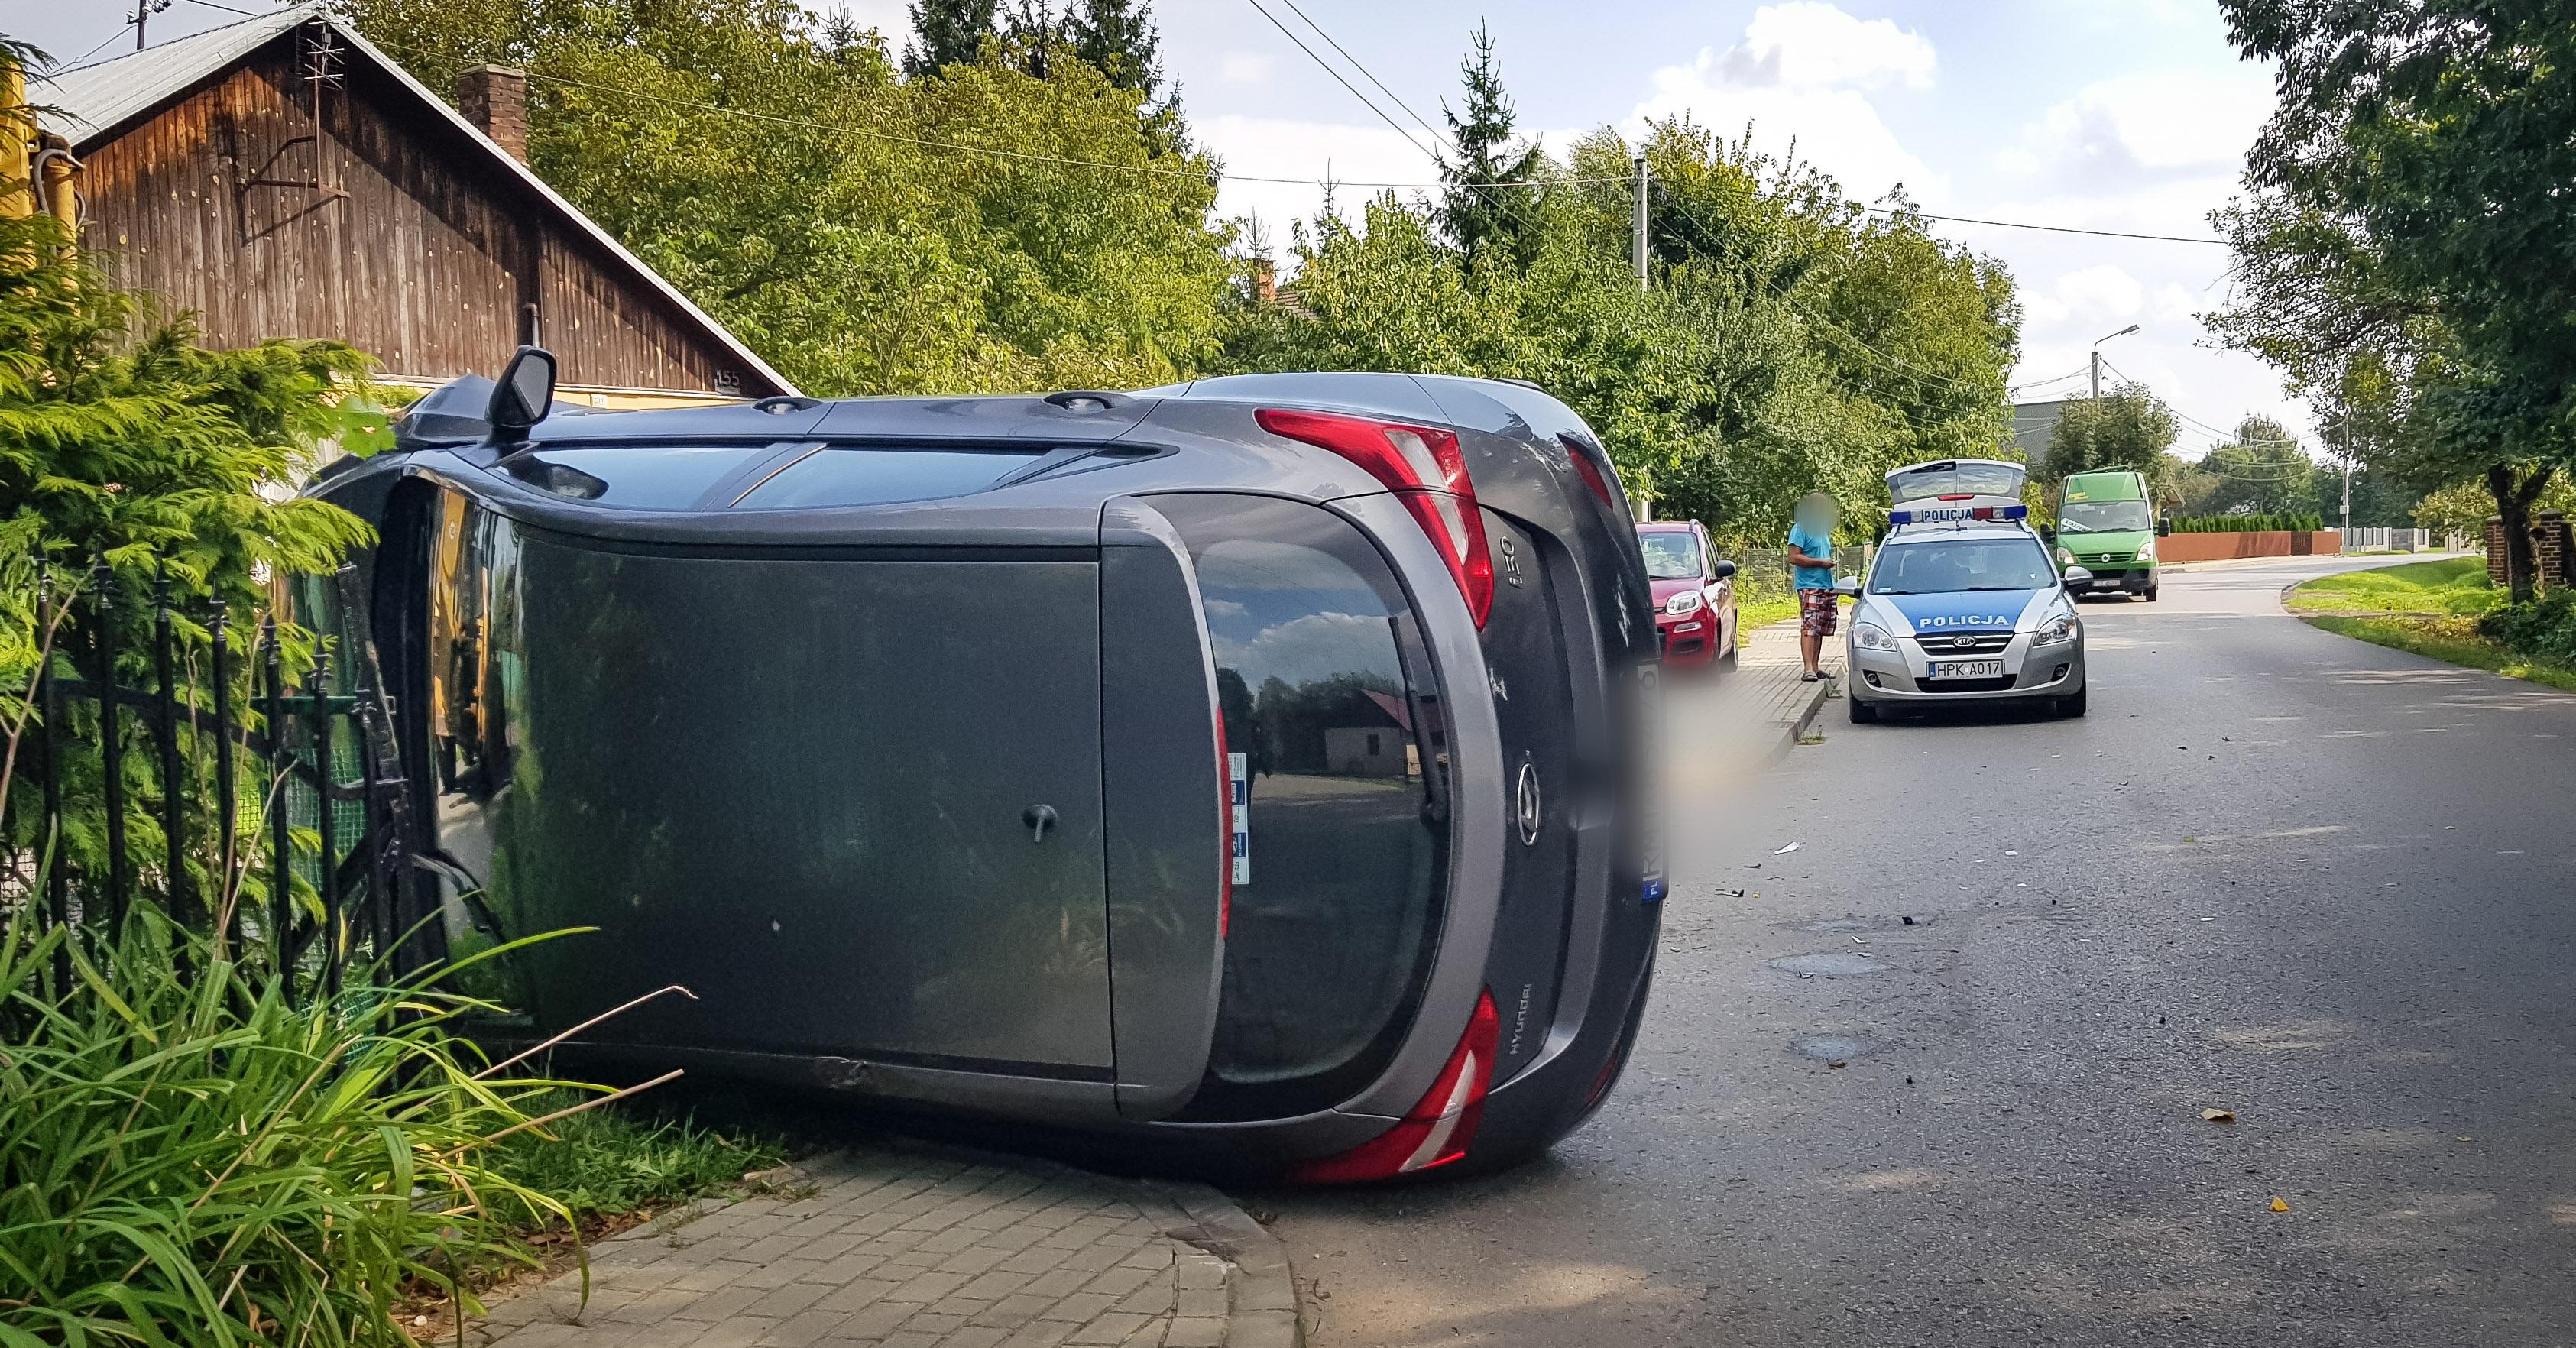 Zderzenie samochodu osobowego z koparką. Utrudnia w ruchu! [FOTO, VIDEO] - Zdjęcie główne